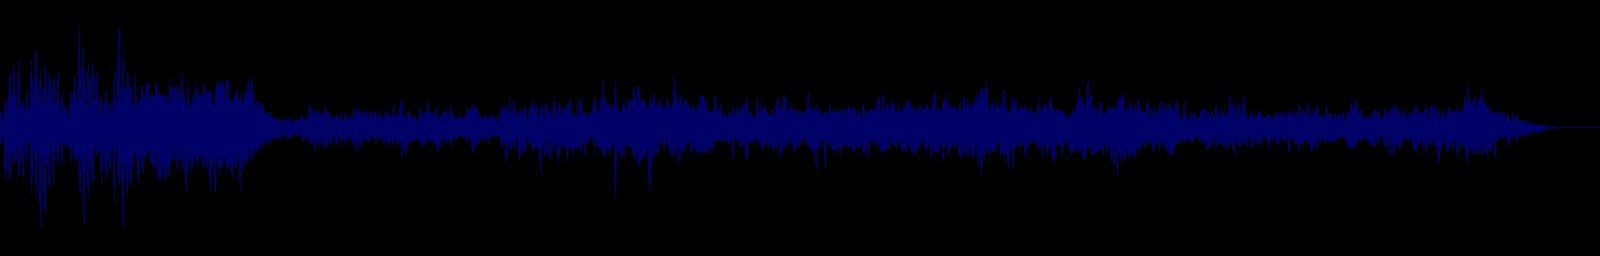 waveform of track #149796